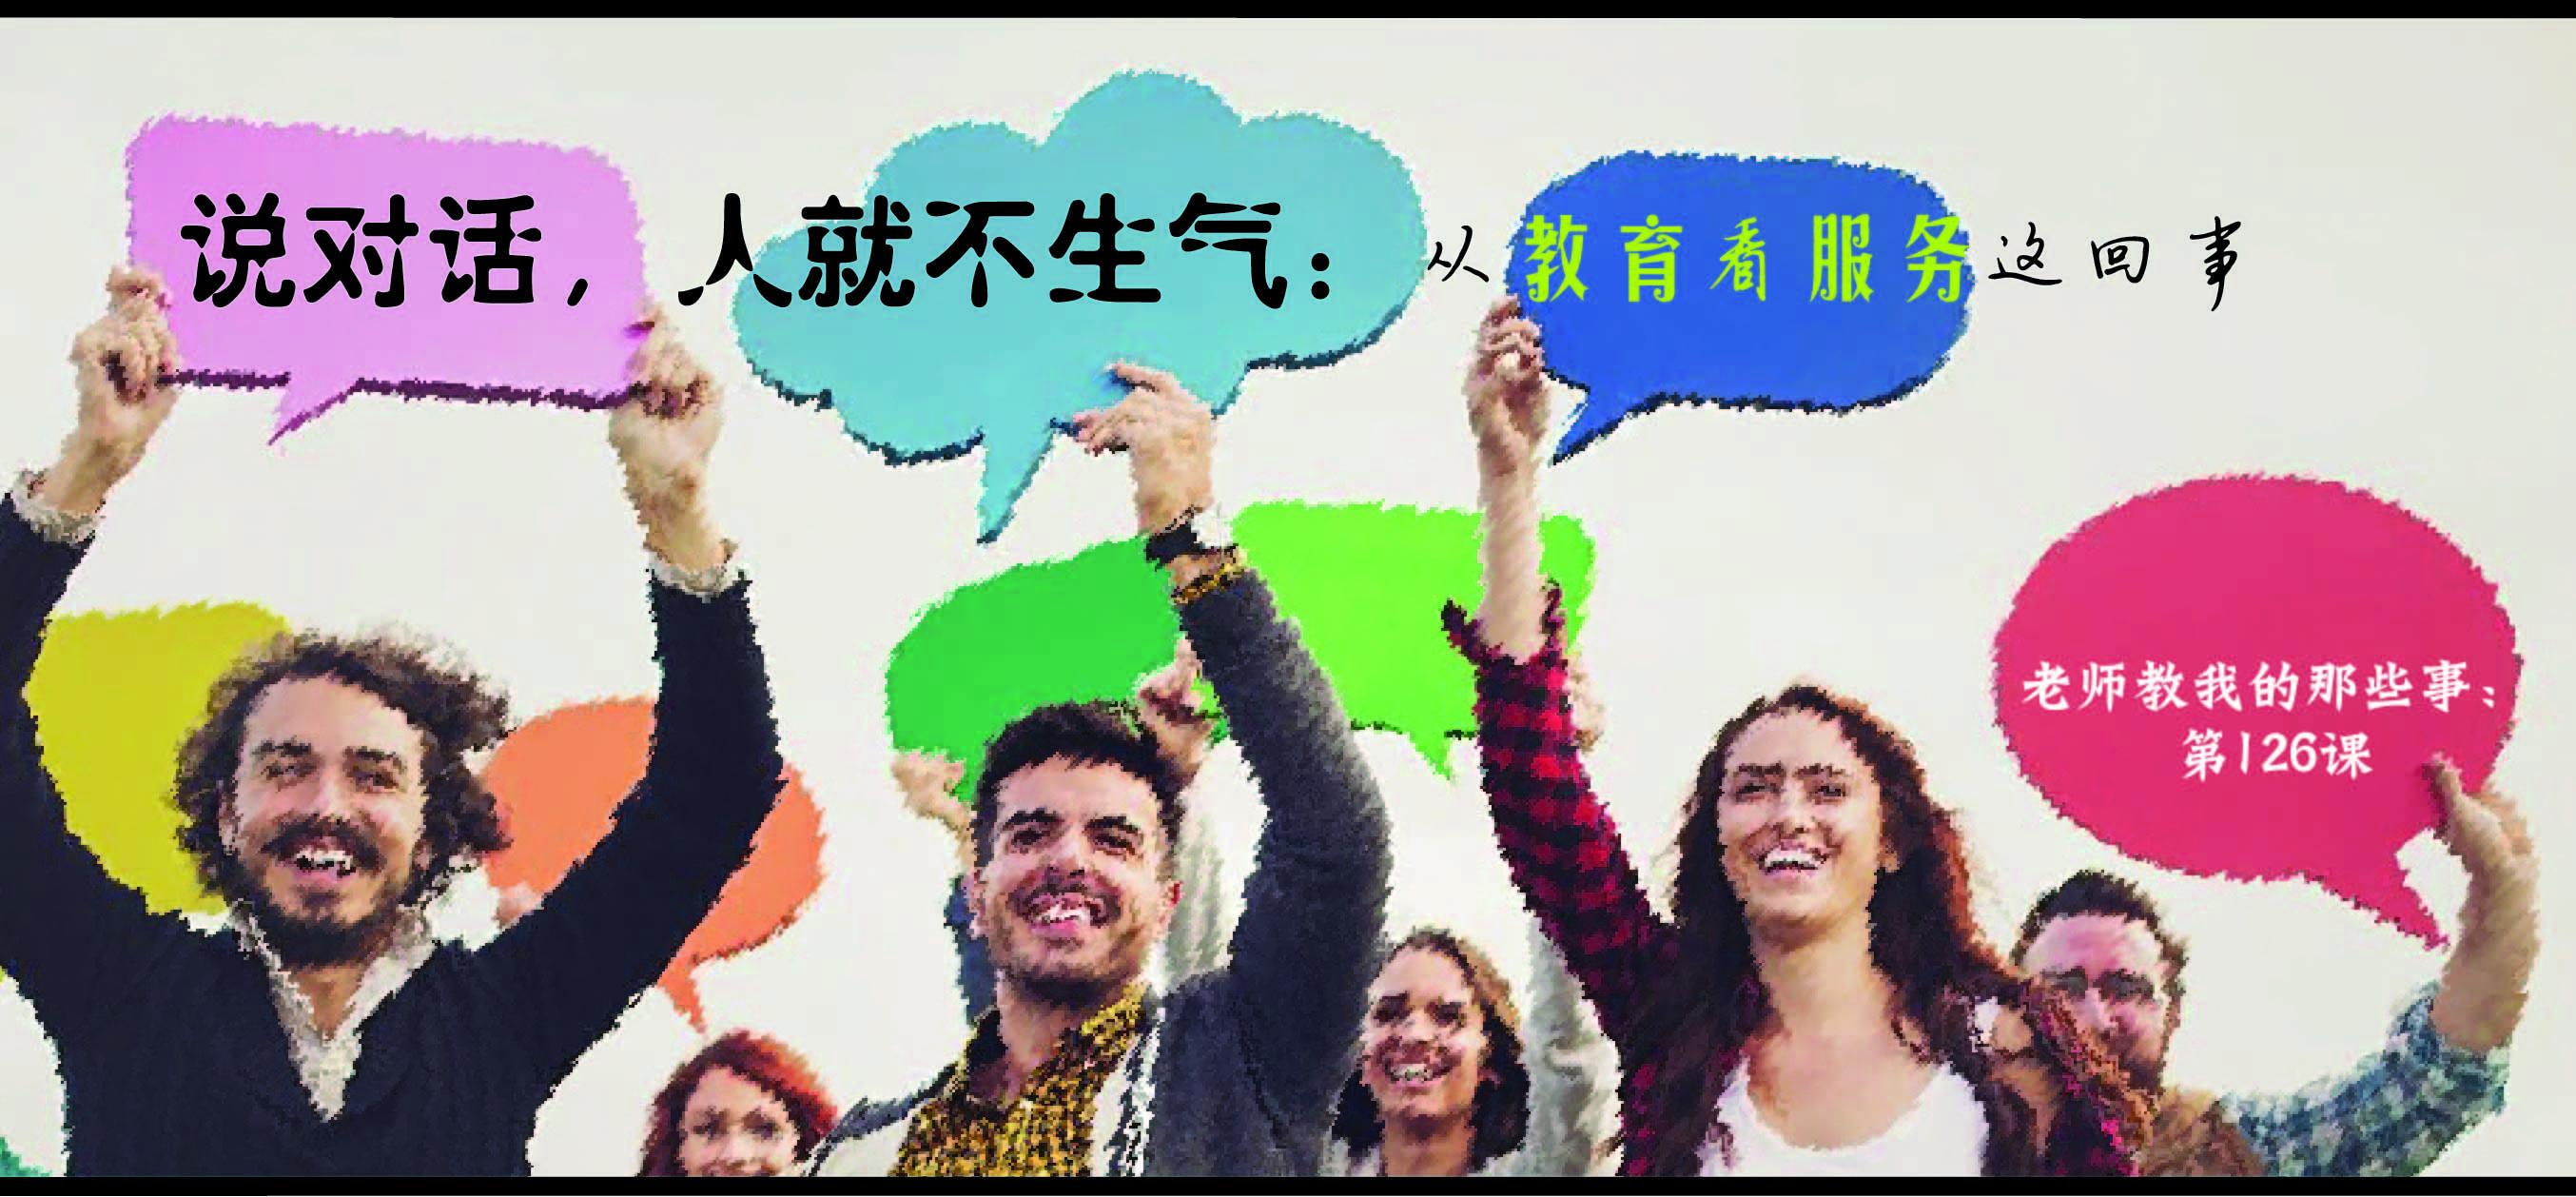 第126课:说对话,人就不生气——从教育看服务这回事